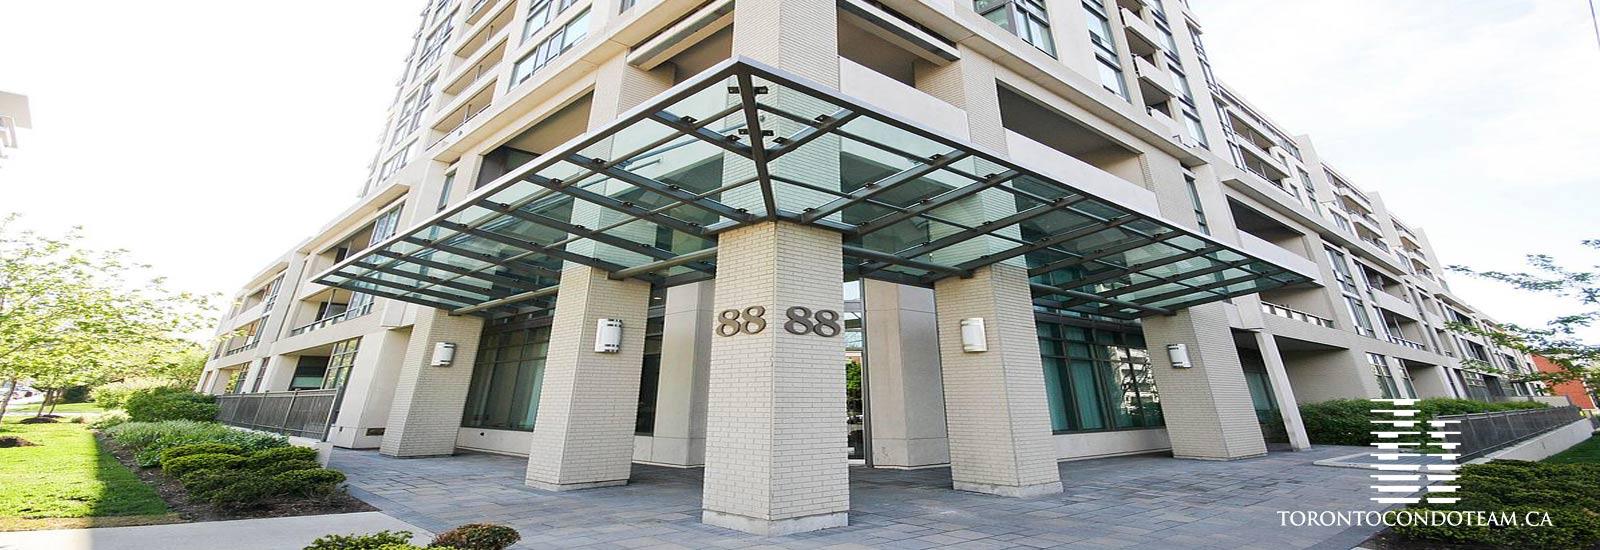 88 Broadway Avenue Condos